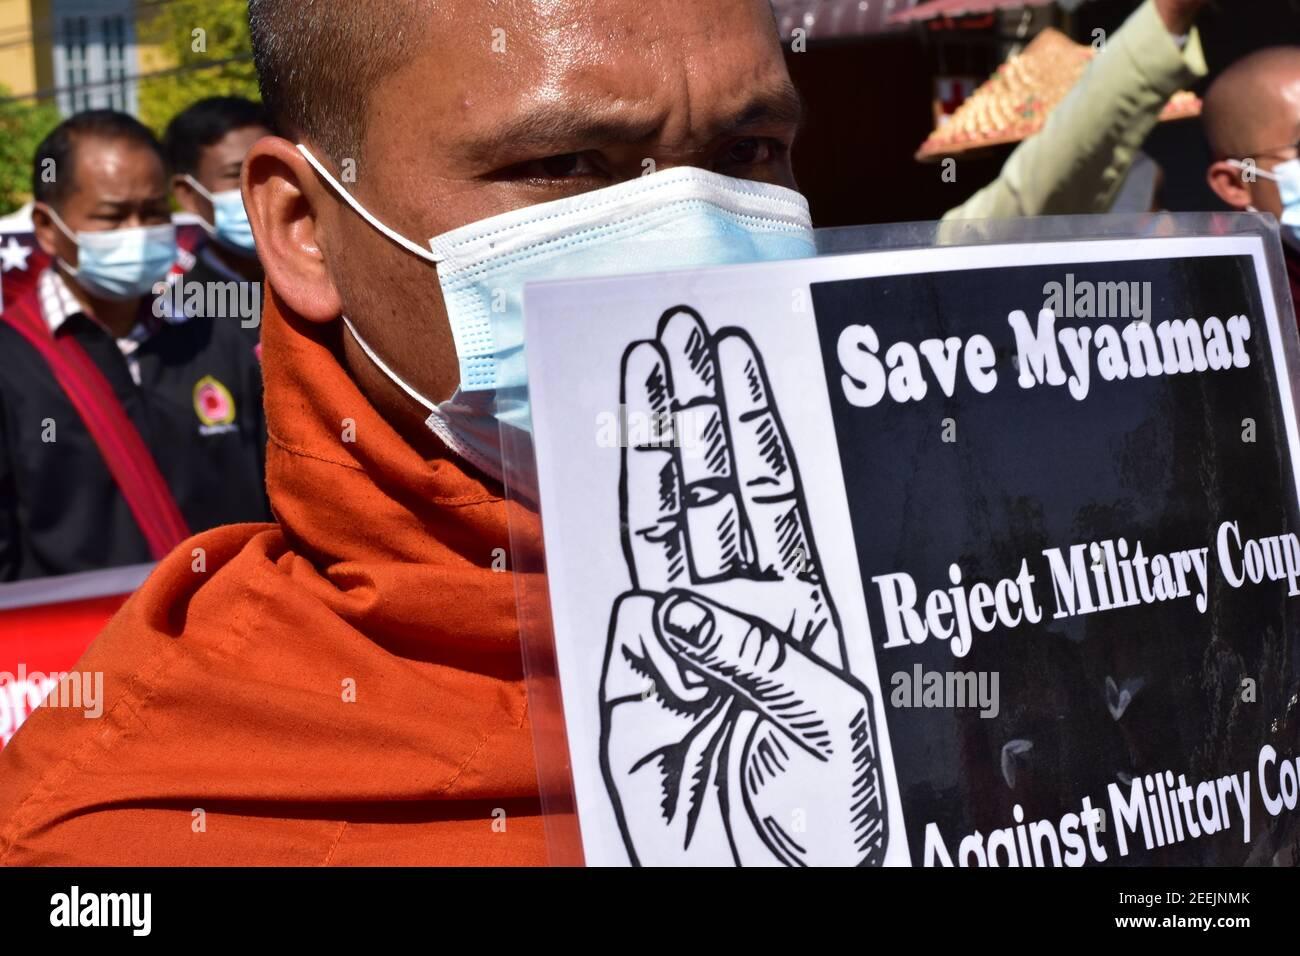 Les moines du Myanmar sont descendus dans la rue pour protester contre coup d'etat militaire Banque D'Images